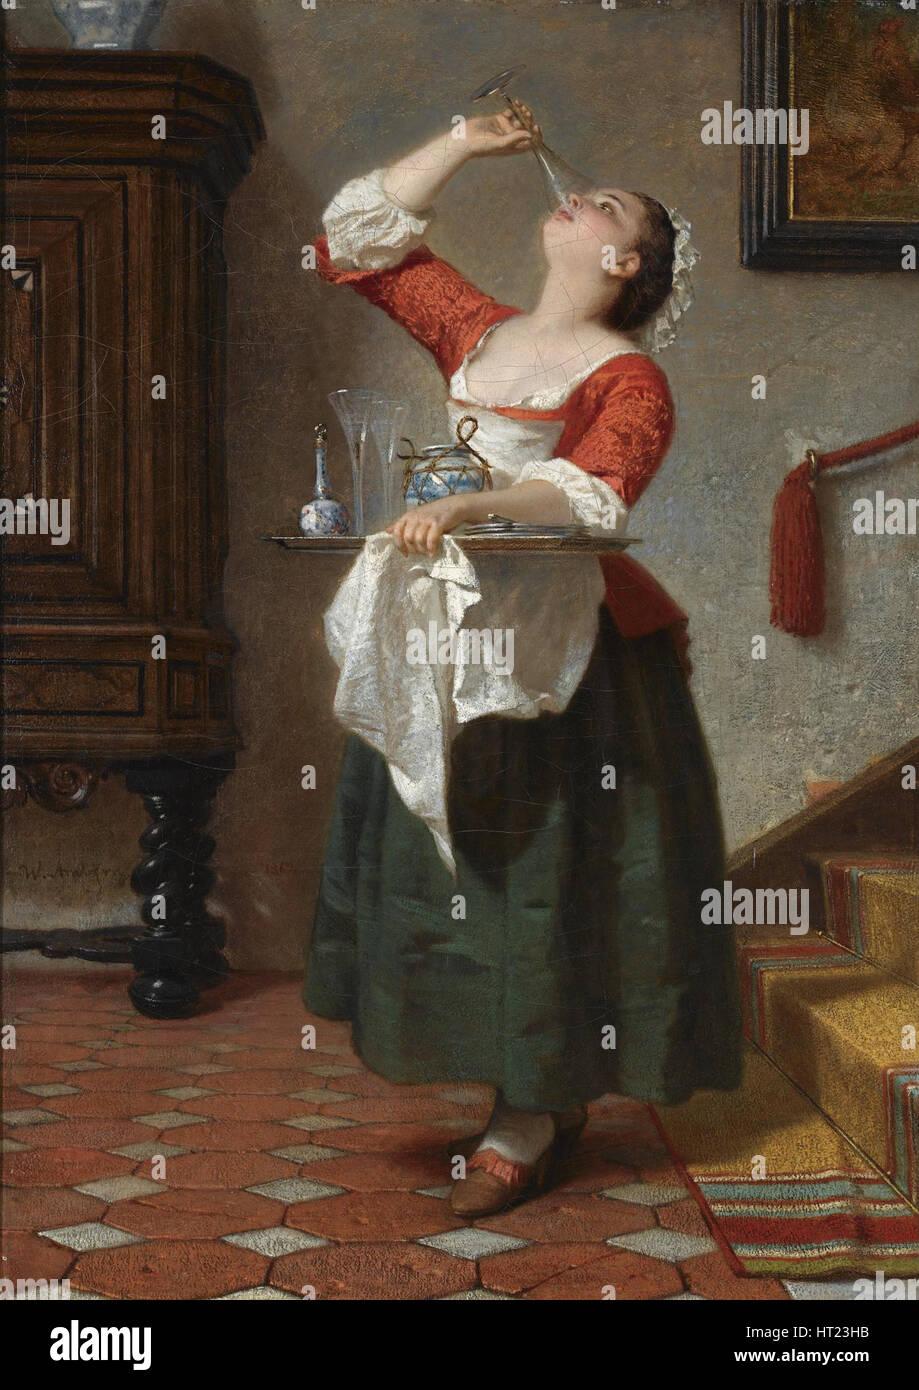 Das Naschkaetzchen, 1862. Artist: Amberg, Wilhelm August (1822-1899) - Stock Image